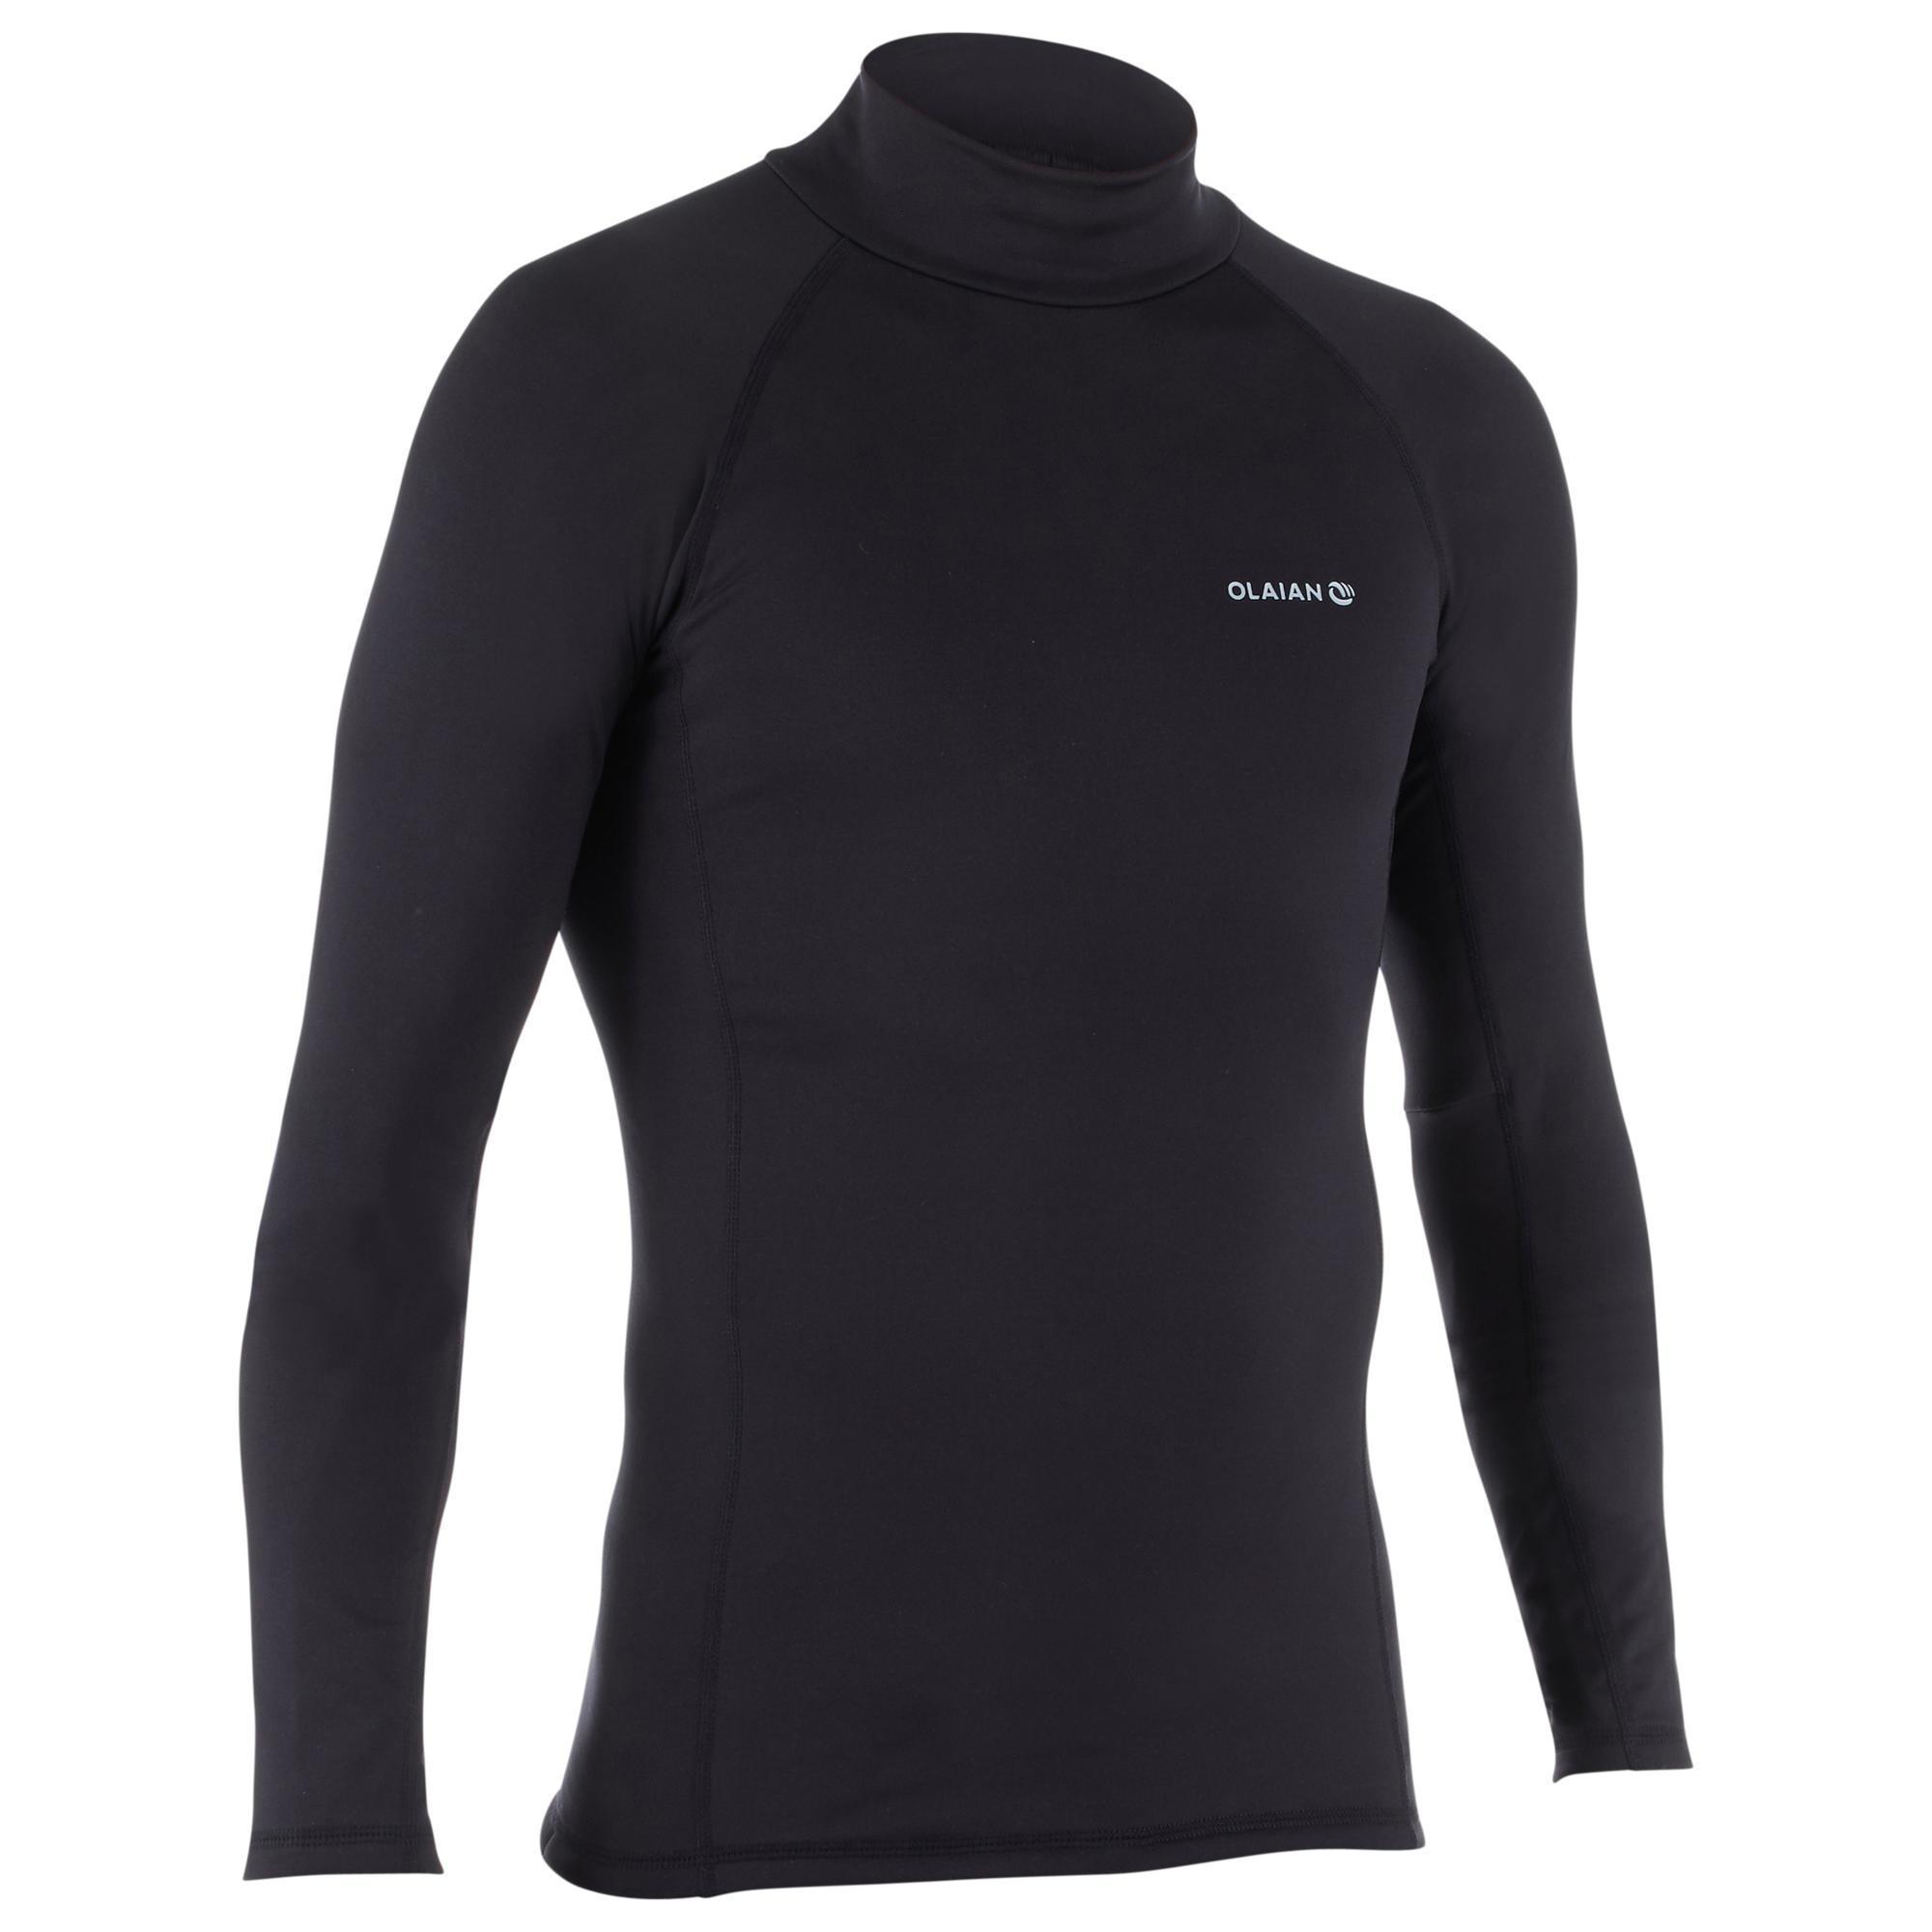 Thermo-Shirt langarm UV-Schutz Top 900 Fleece Herren schwarz | Sportbekleidung > Funktionswäsche > Thermounterwäsche | Olaian